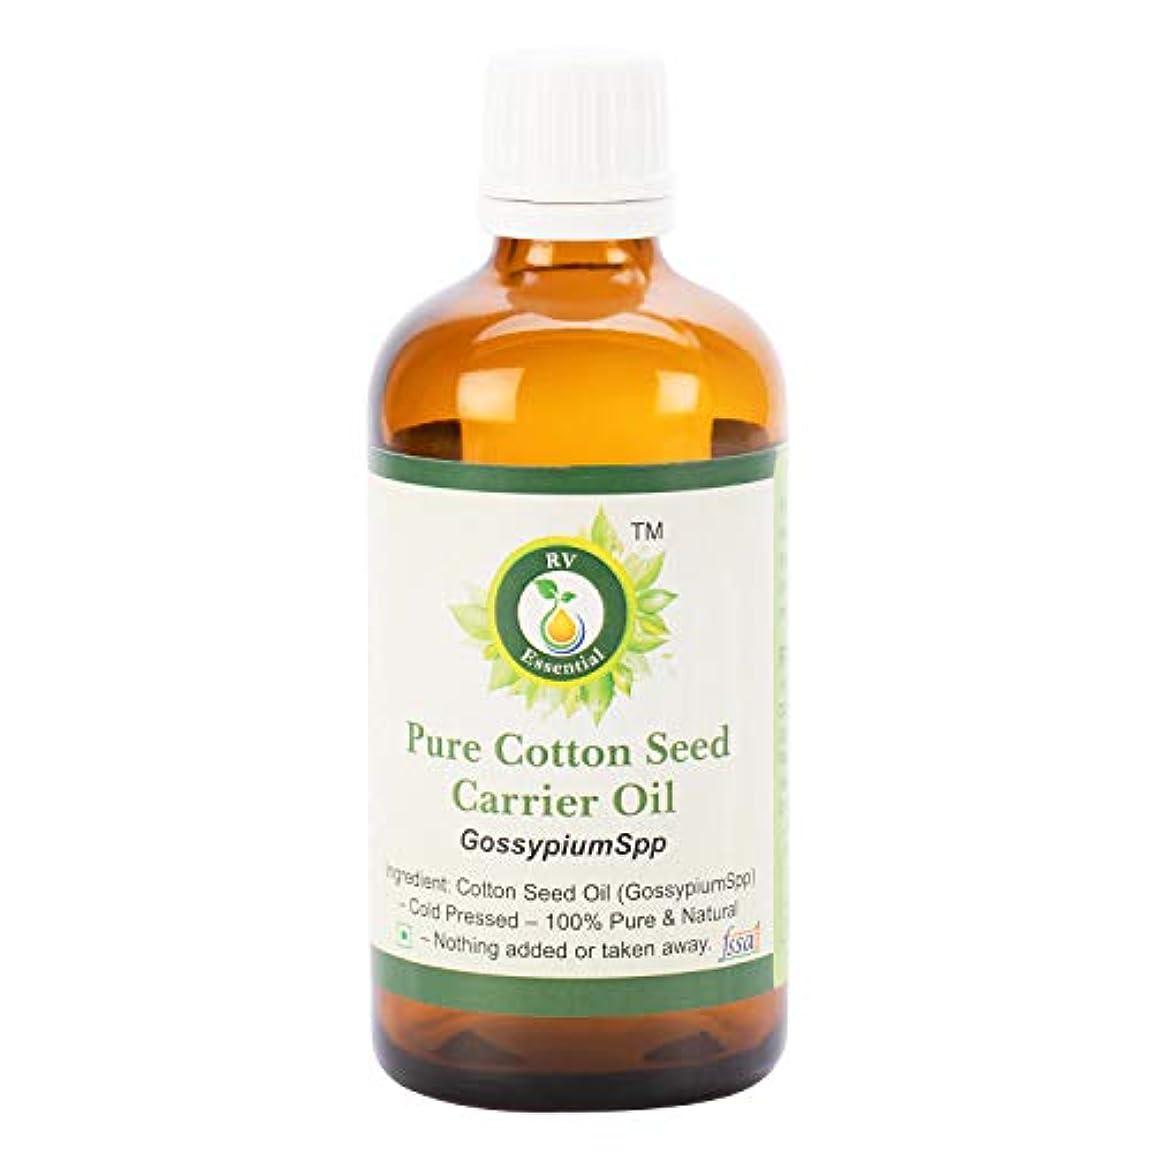 才能のあるリングバック行動R V Essential 純粋な綿の種子キャリアオイル10ml (0.338oz)- Gossypium Spp (100%ピュア&ナチュラルコールドPressed) Pure Cotton Seed Carrier...